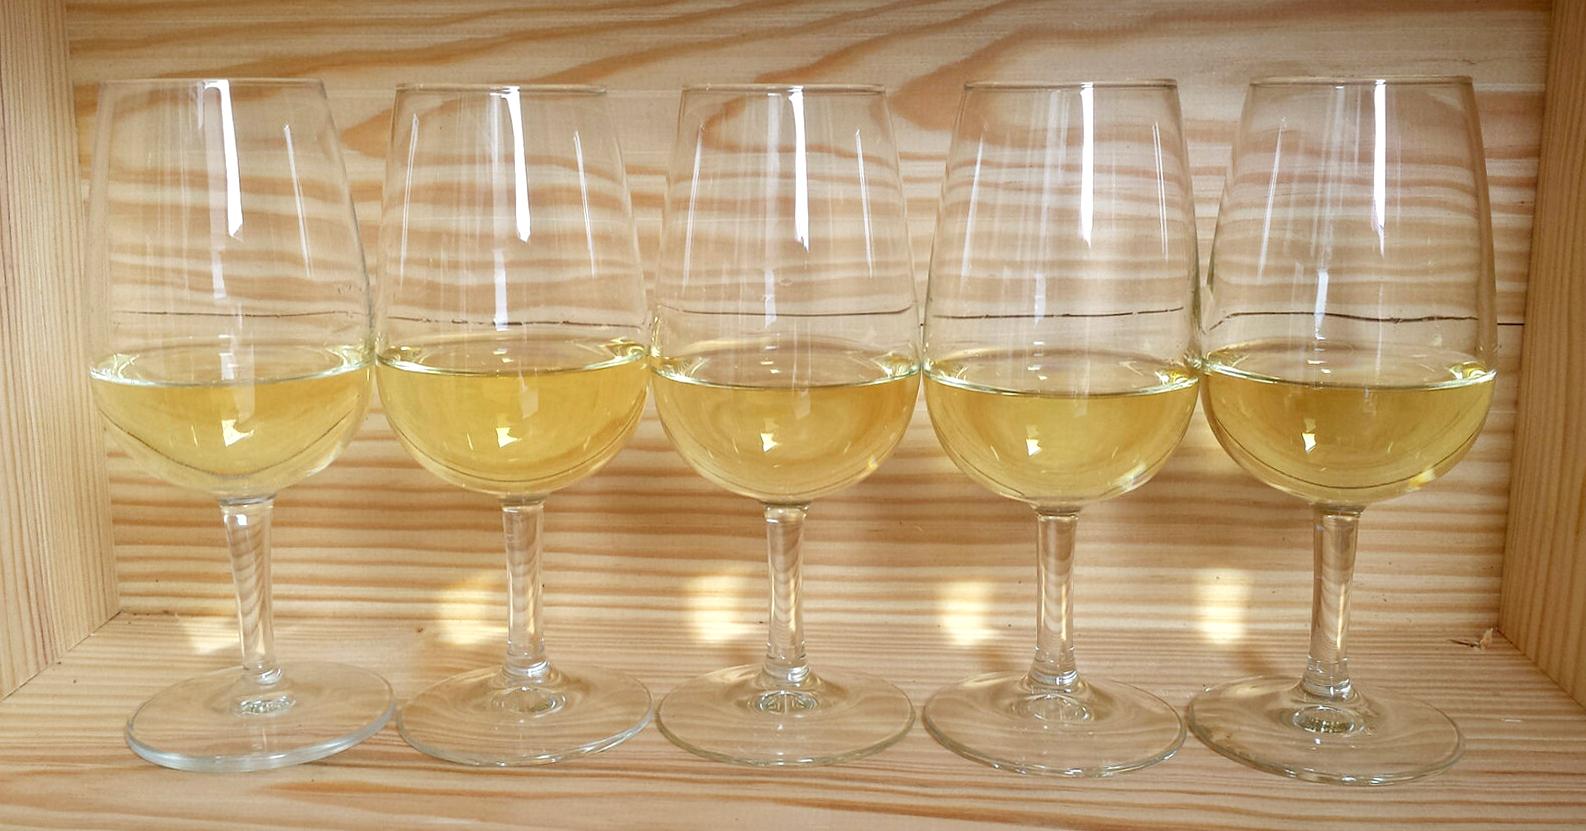 Rượu vang Chablis là gì? Hướng dẫn về rượu vang Chablis